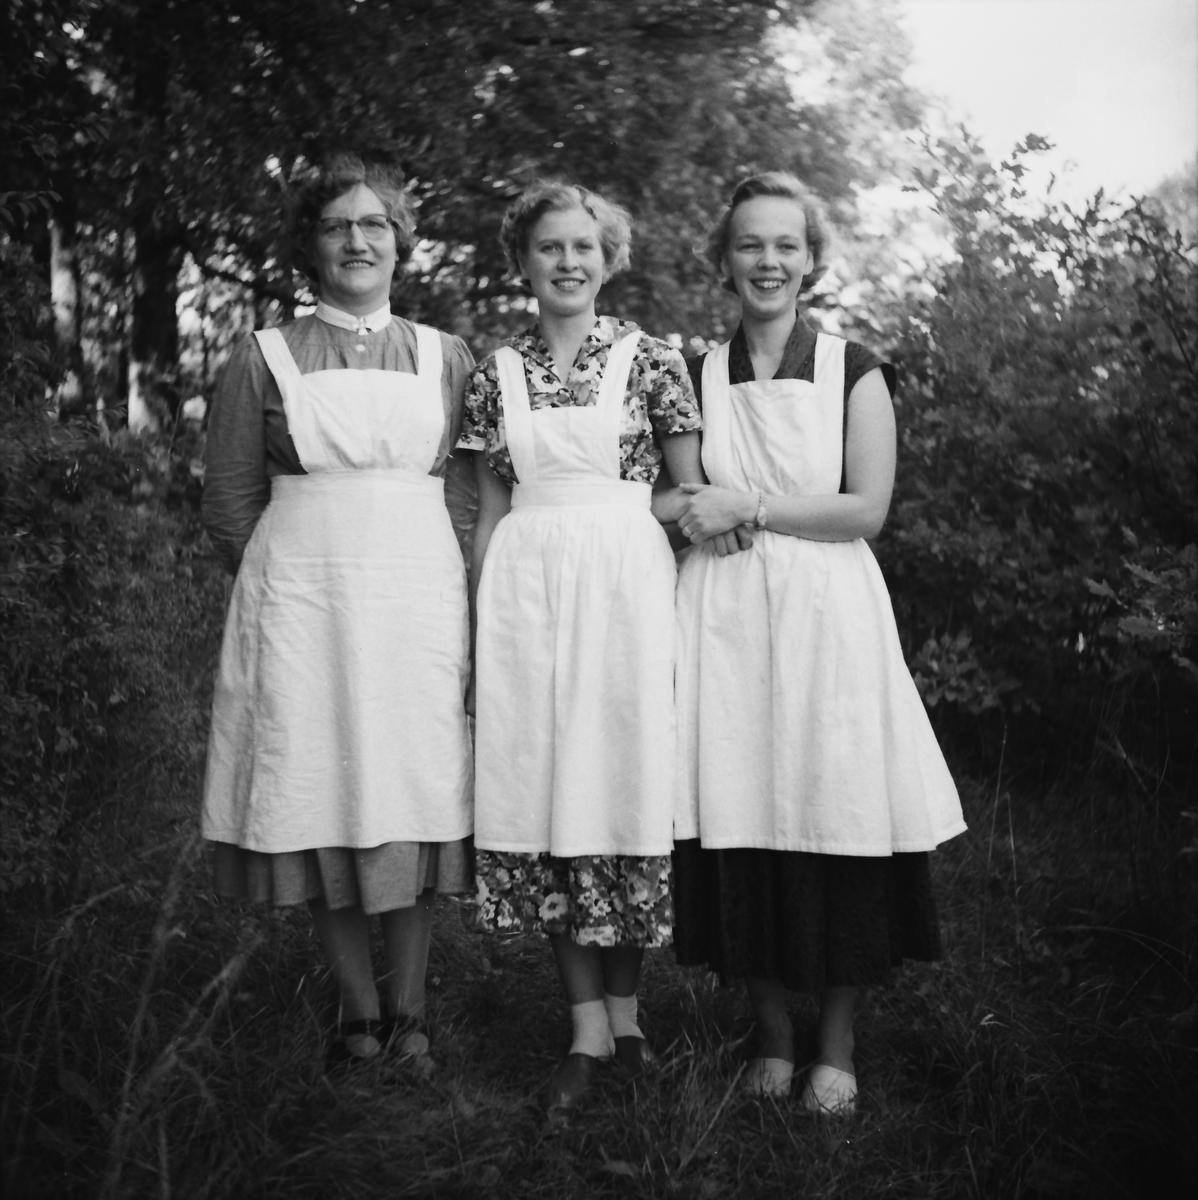 5c450af12b3d Personal vid ålderdomshemmet i Thårstorp poserar i trädgården - tre glada  kvinnor i klänningar och vita